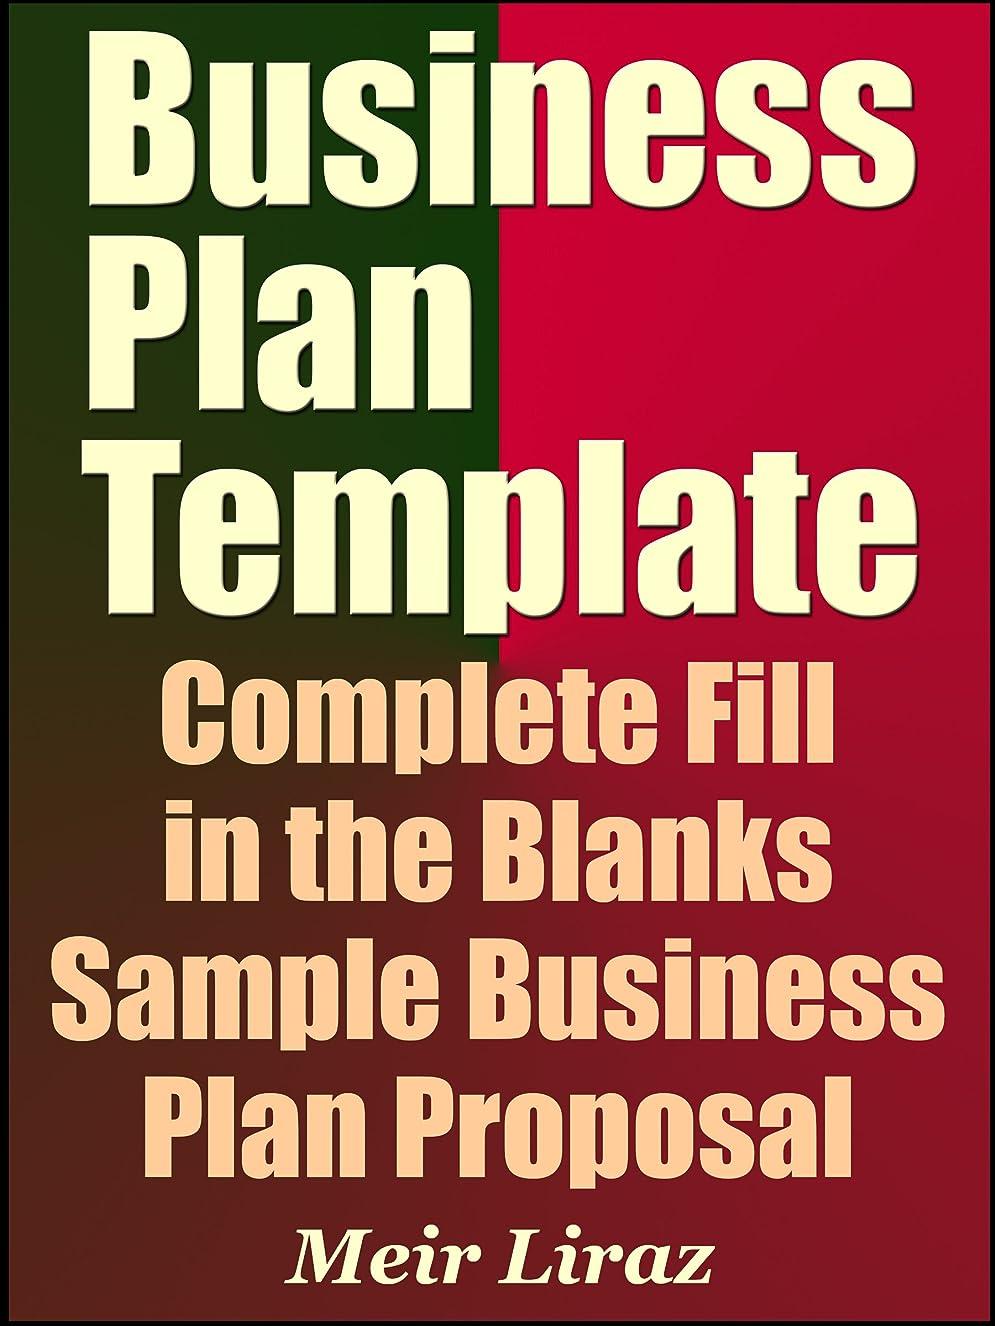 人生を作るこれら性能Business Plan Template: Complete Fill in the Blanks Sample Business Plan Proposal (With MS Word Version, Excel Spreadsheets, and 9 Free Gifts) – Updated 2019 Edition (English Edition)